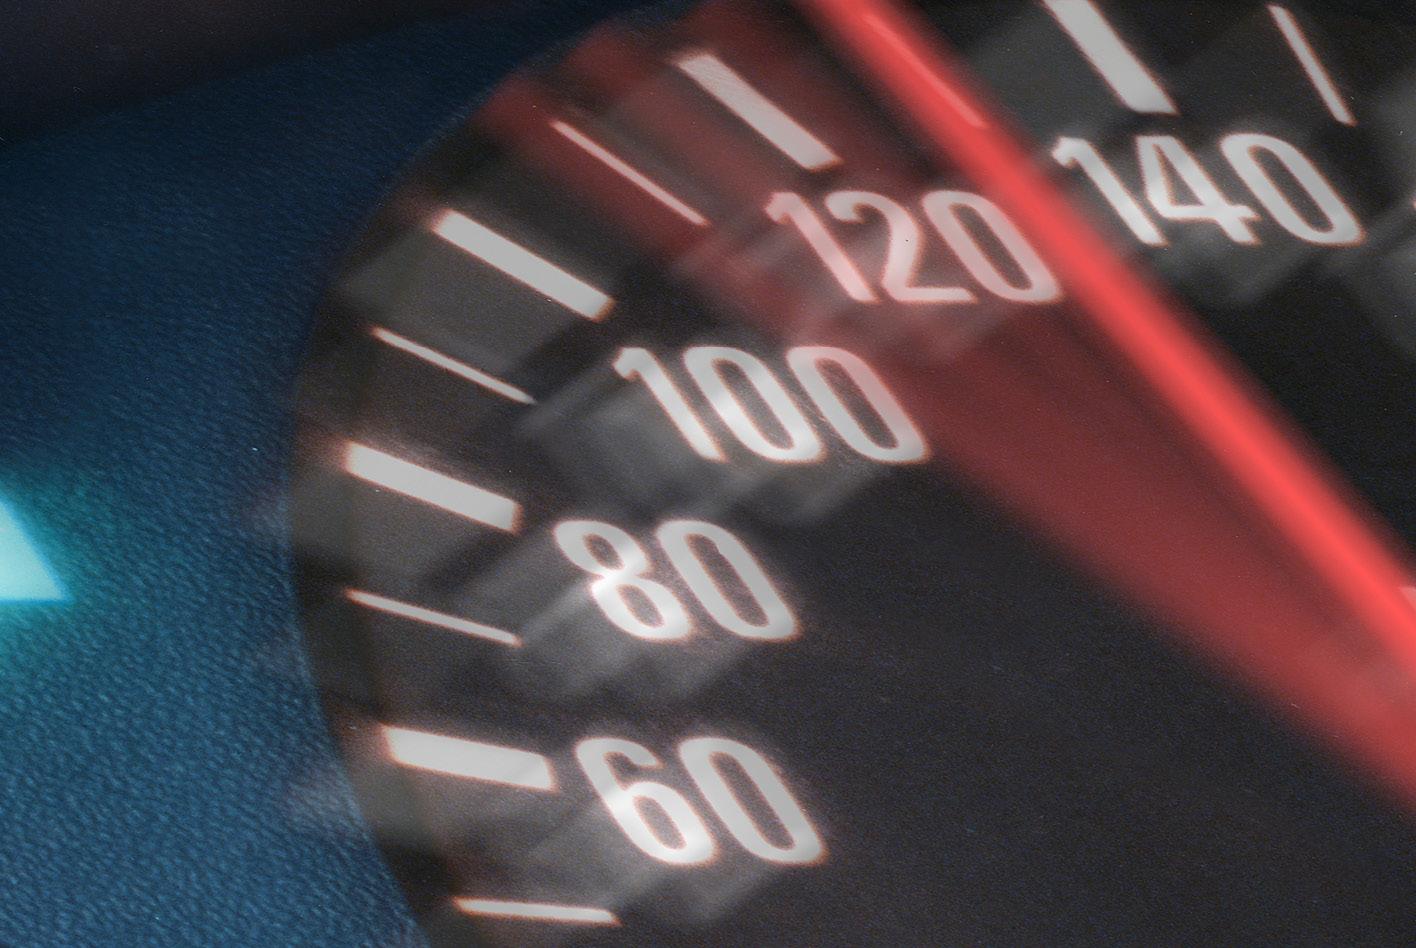 In Bereichen mit viel Wildwchsel empfiehlt es sich, nicht schneller als 70 bis 80 Stundenkilometer zu fahren. Bild: AdobeStock / Uwe